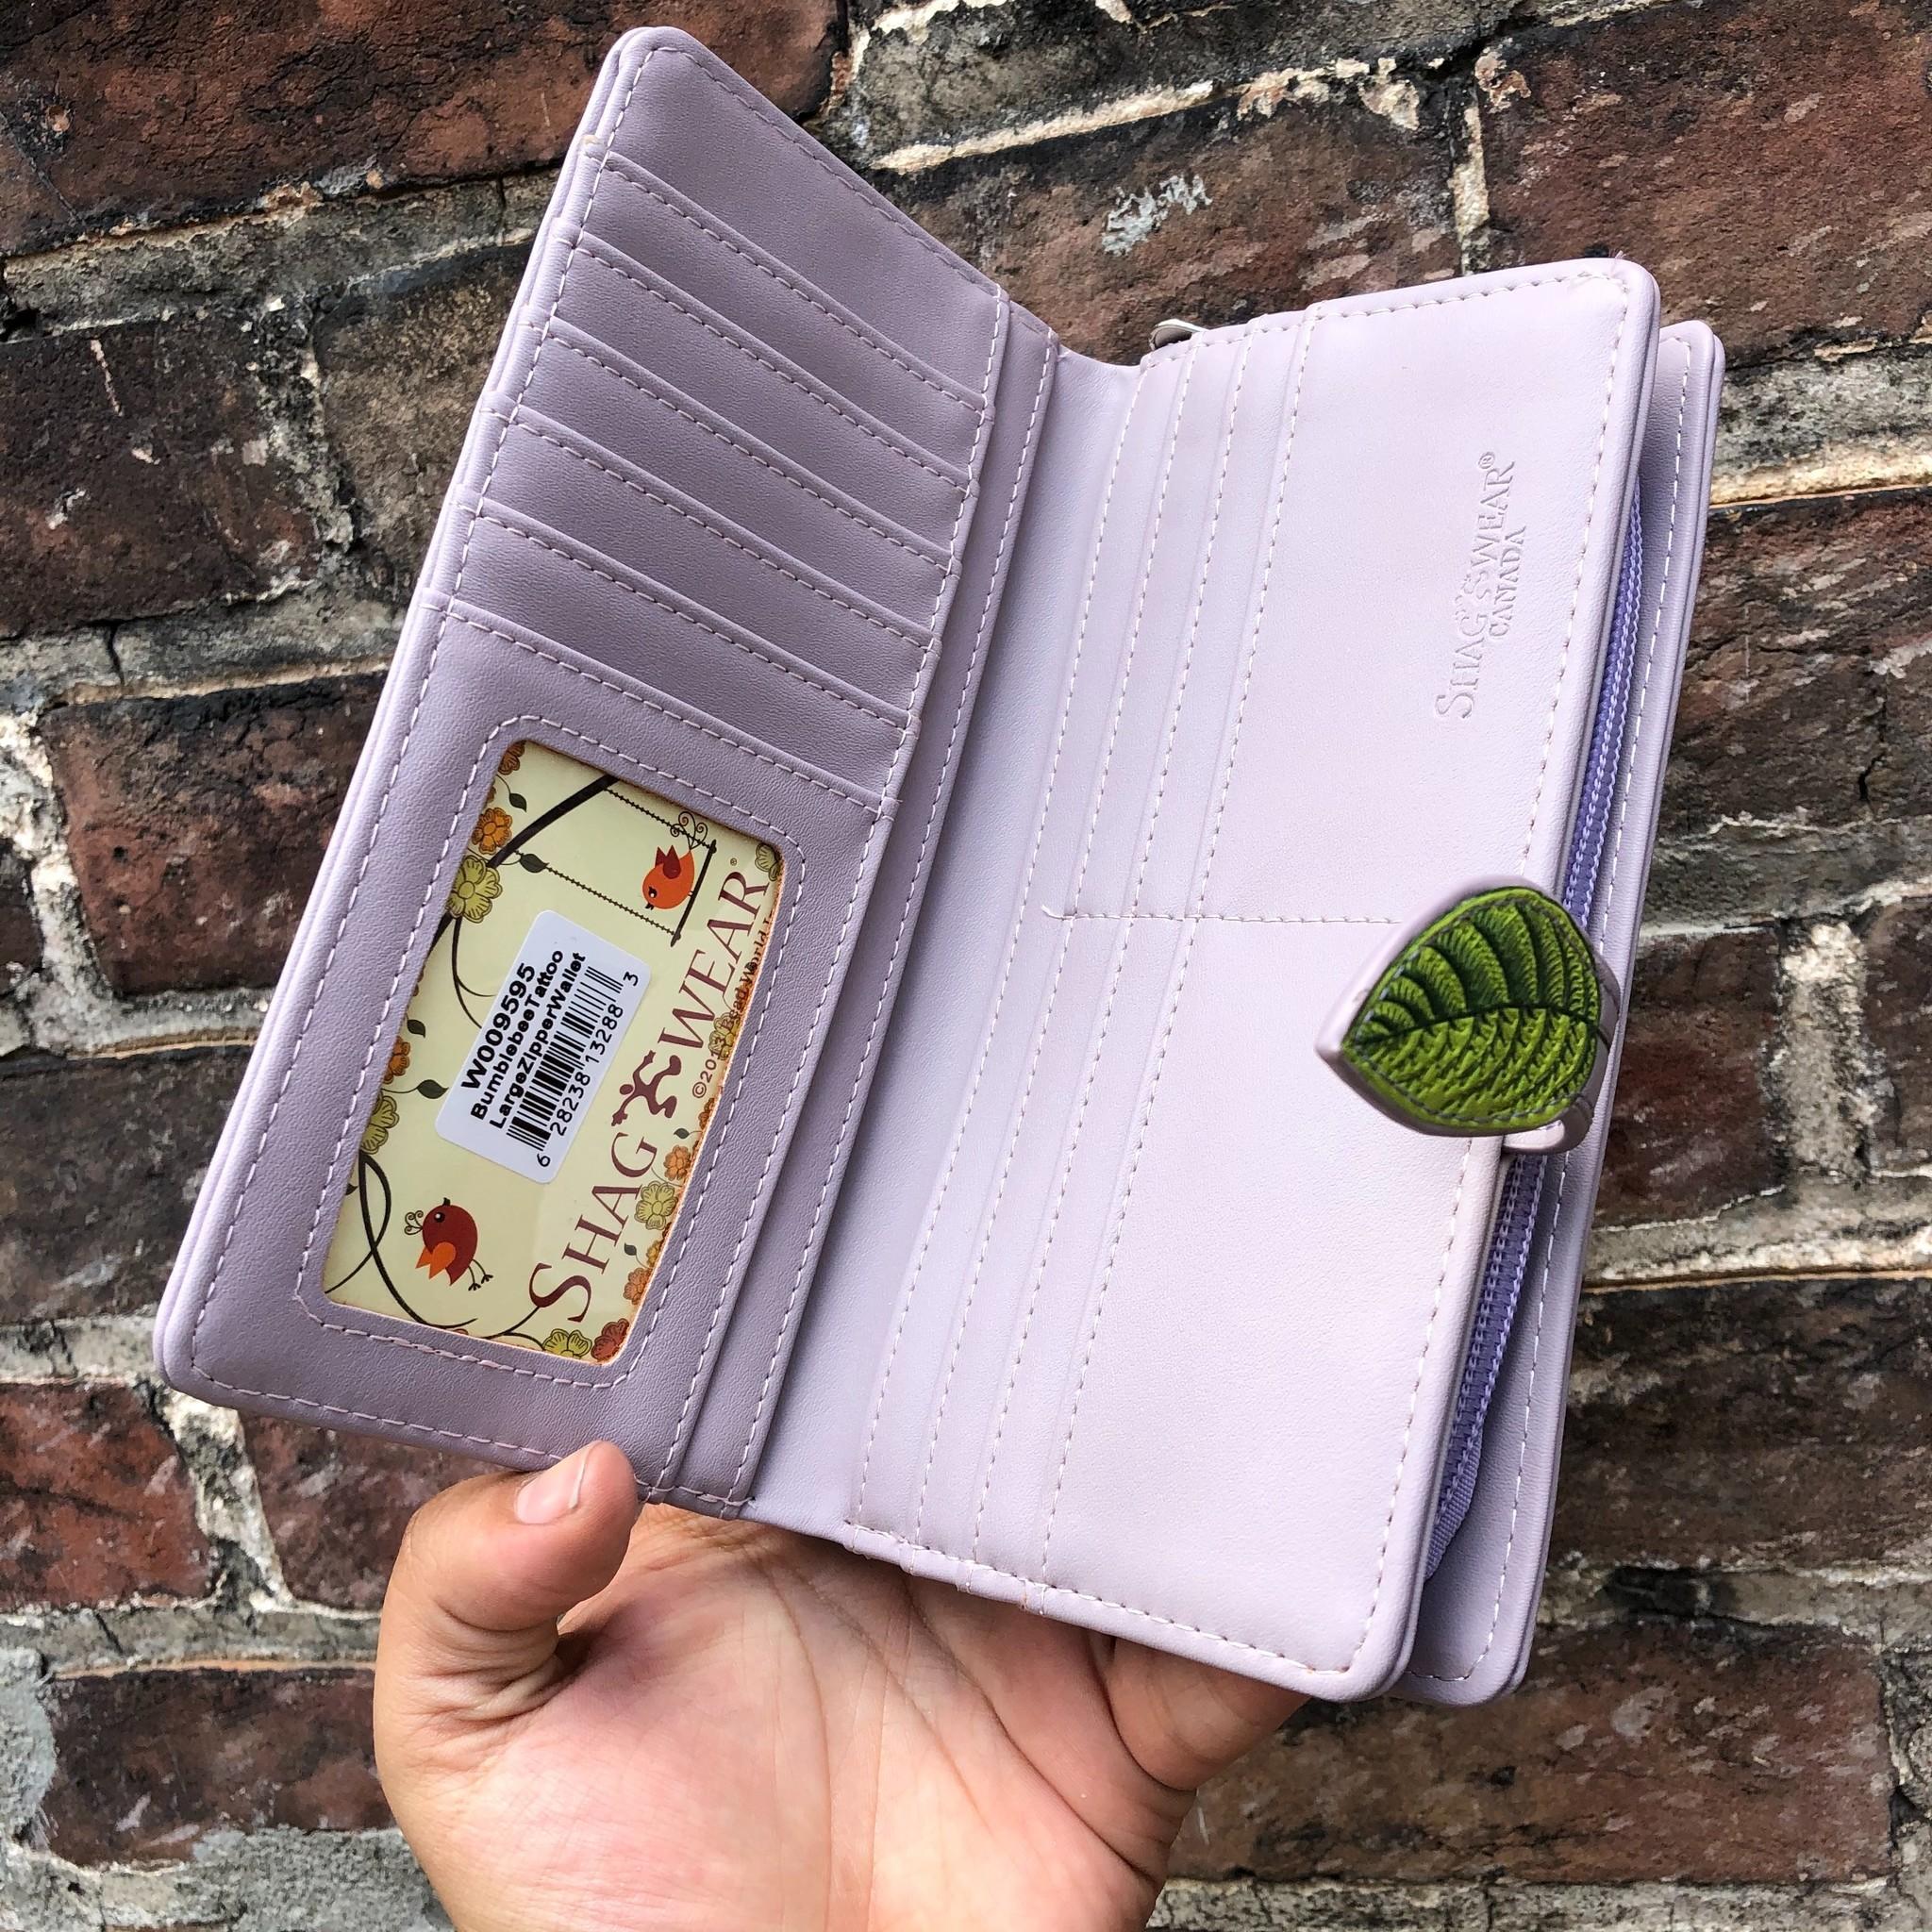 Shag Wear Bumblebee Wallet